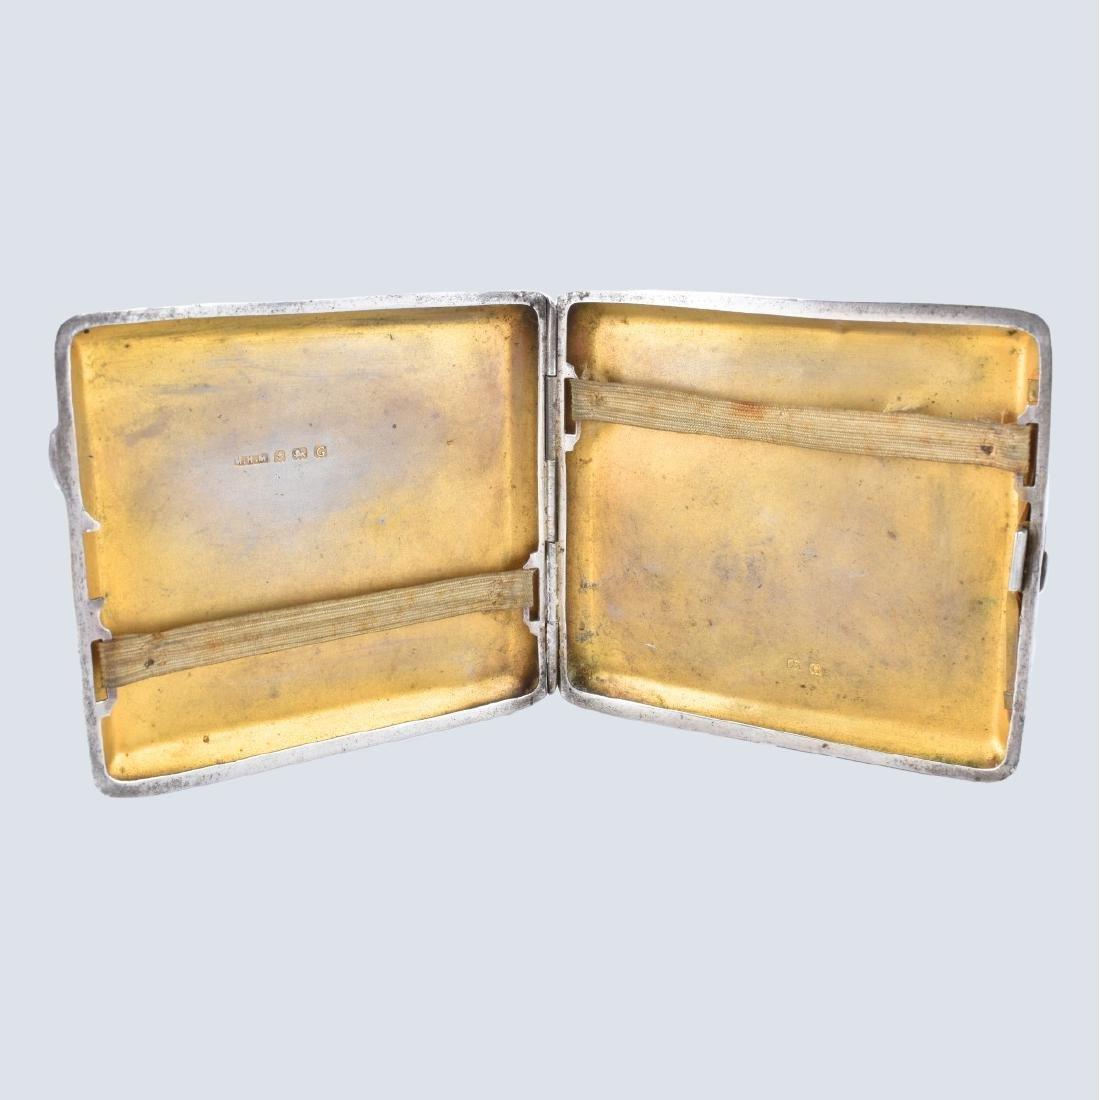 English Silver Cigarette Case - 3